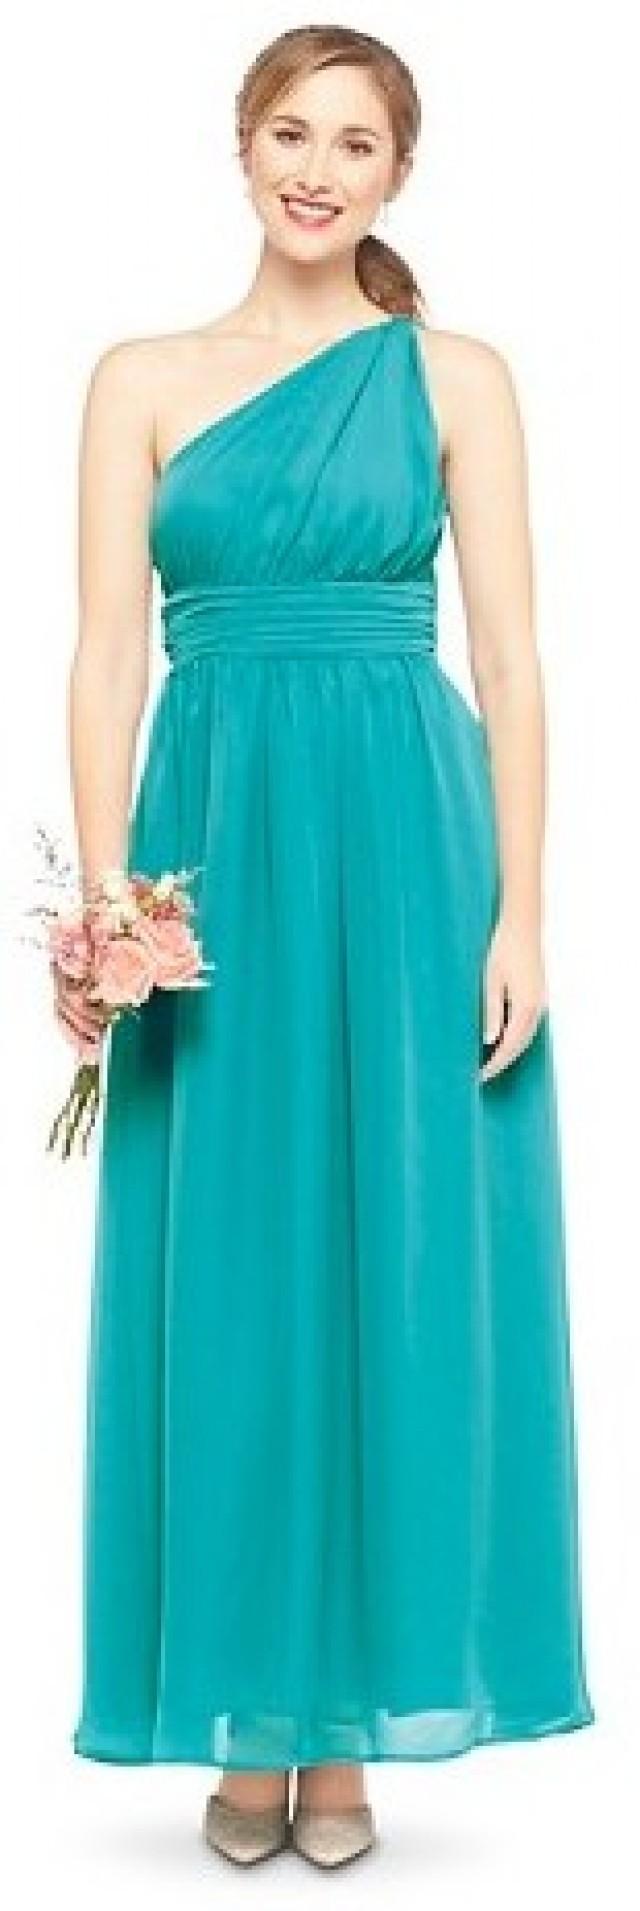 Cheap Plus Size Turquoise Bridesmaid Dresses